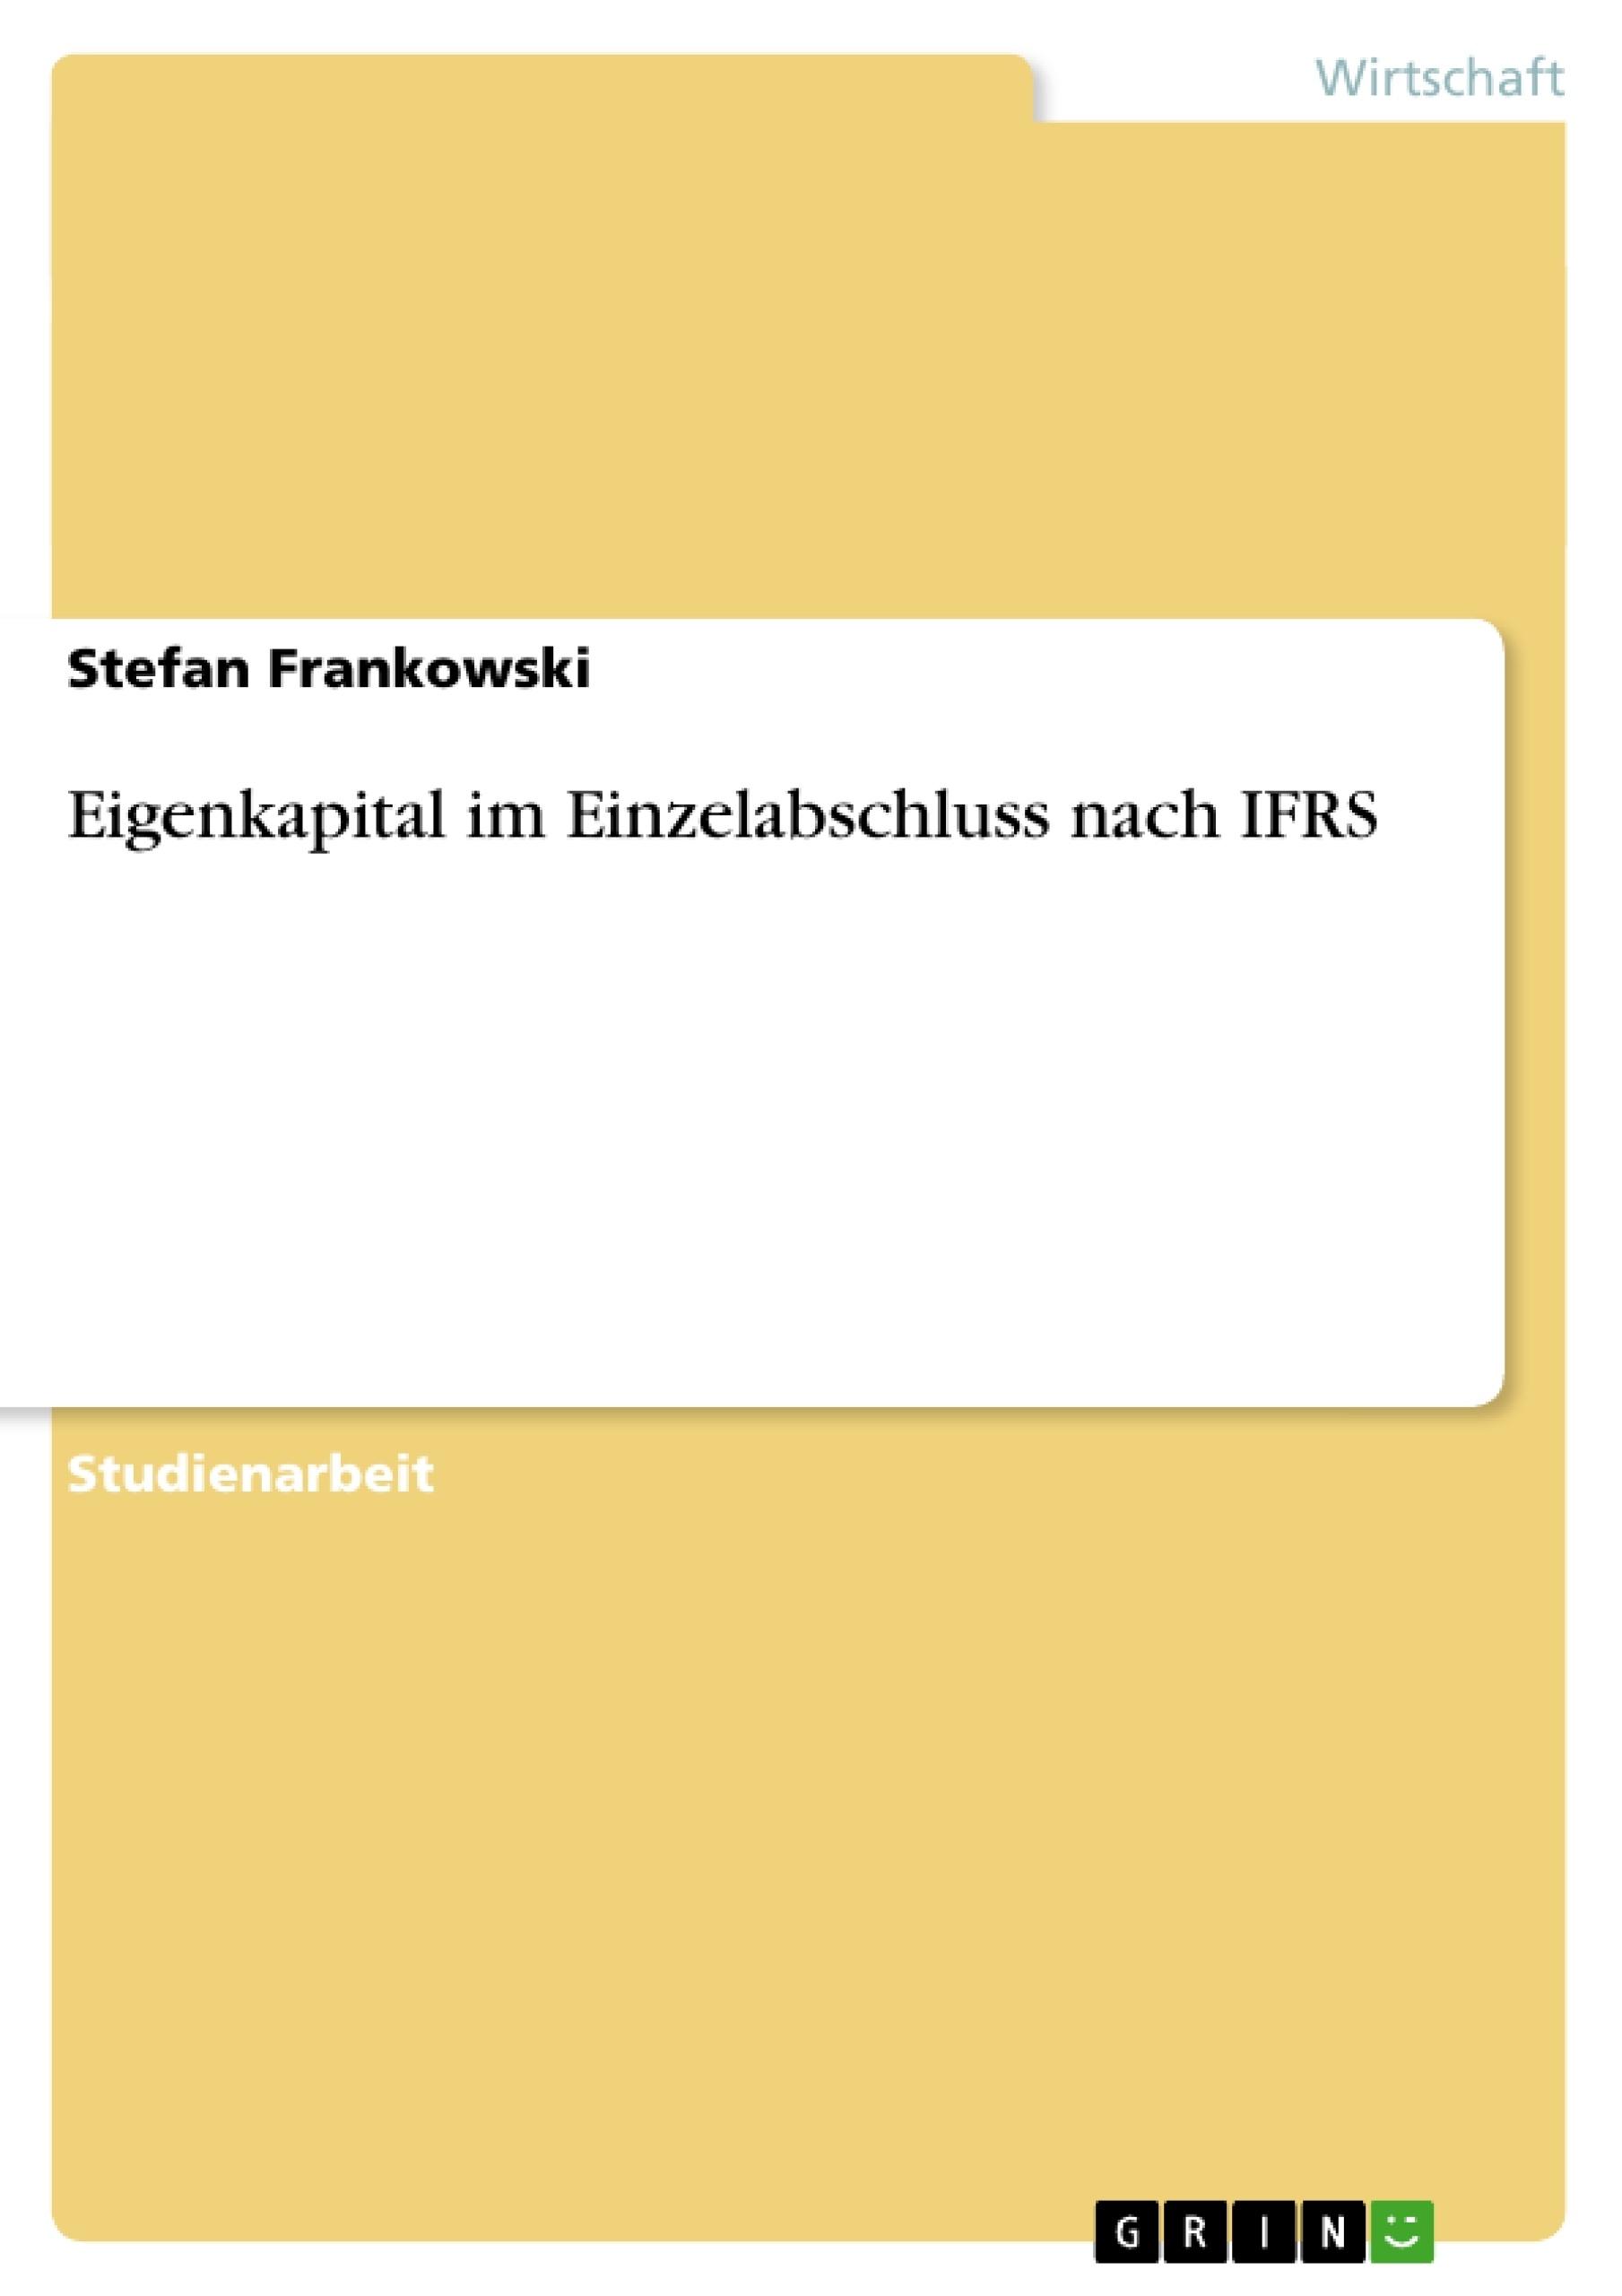 Titel: Eigenkapital im Einzelabschluss nach IFRS